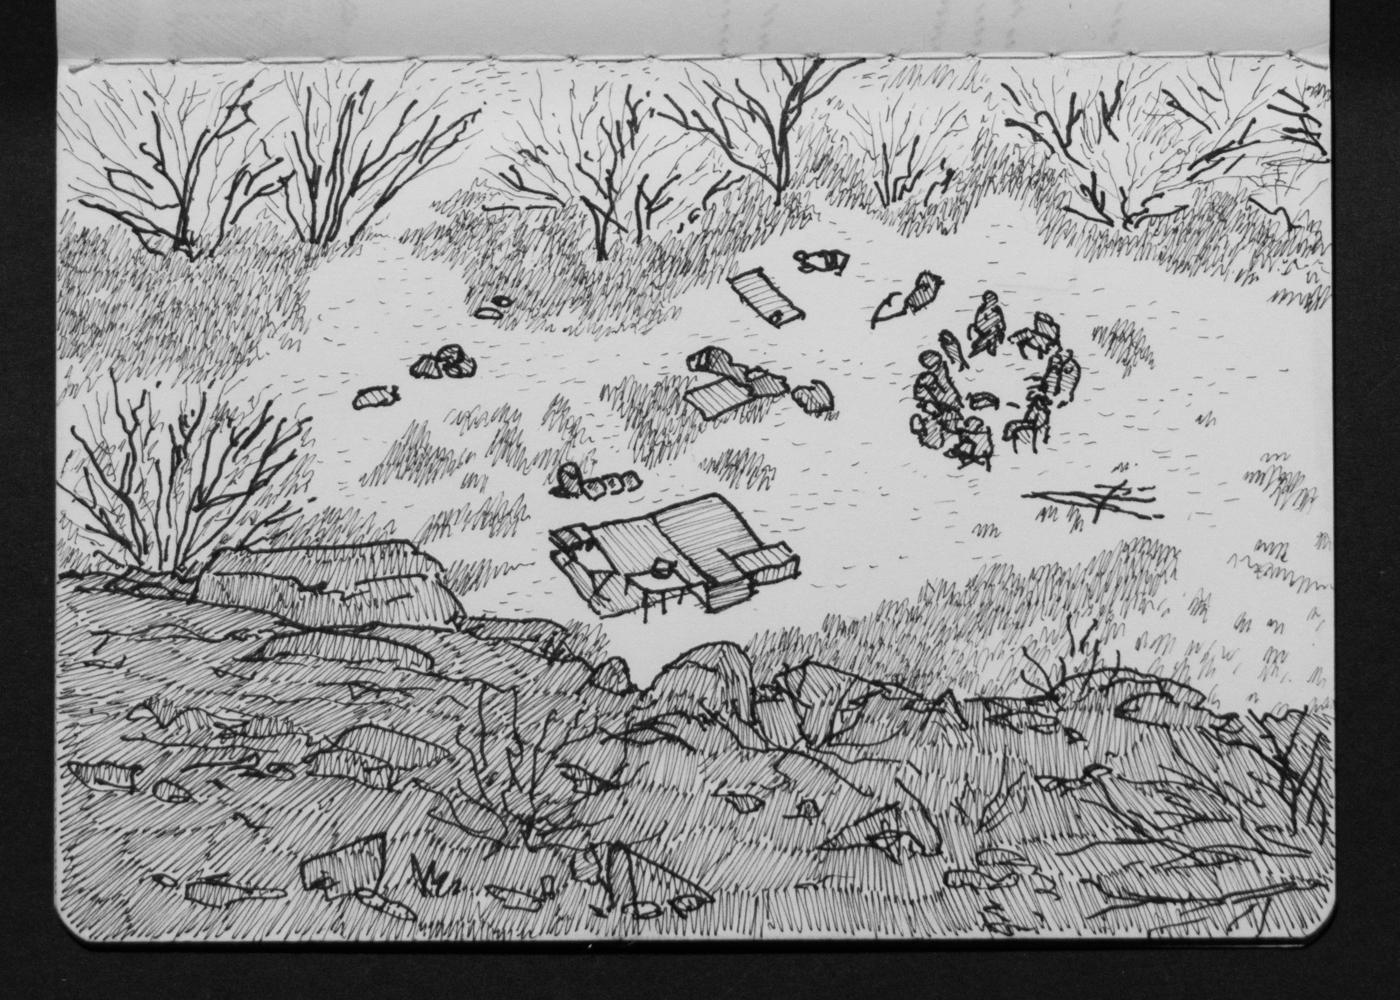 04-13 San Juan Camp 1.jpg